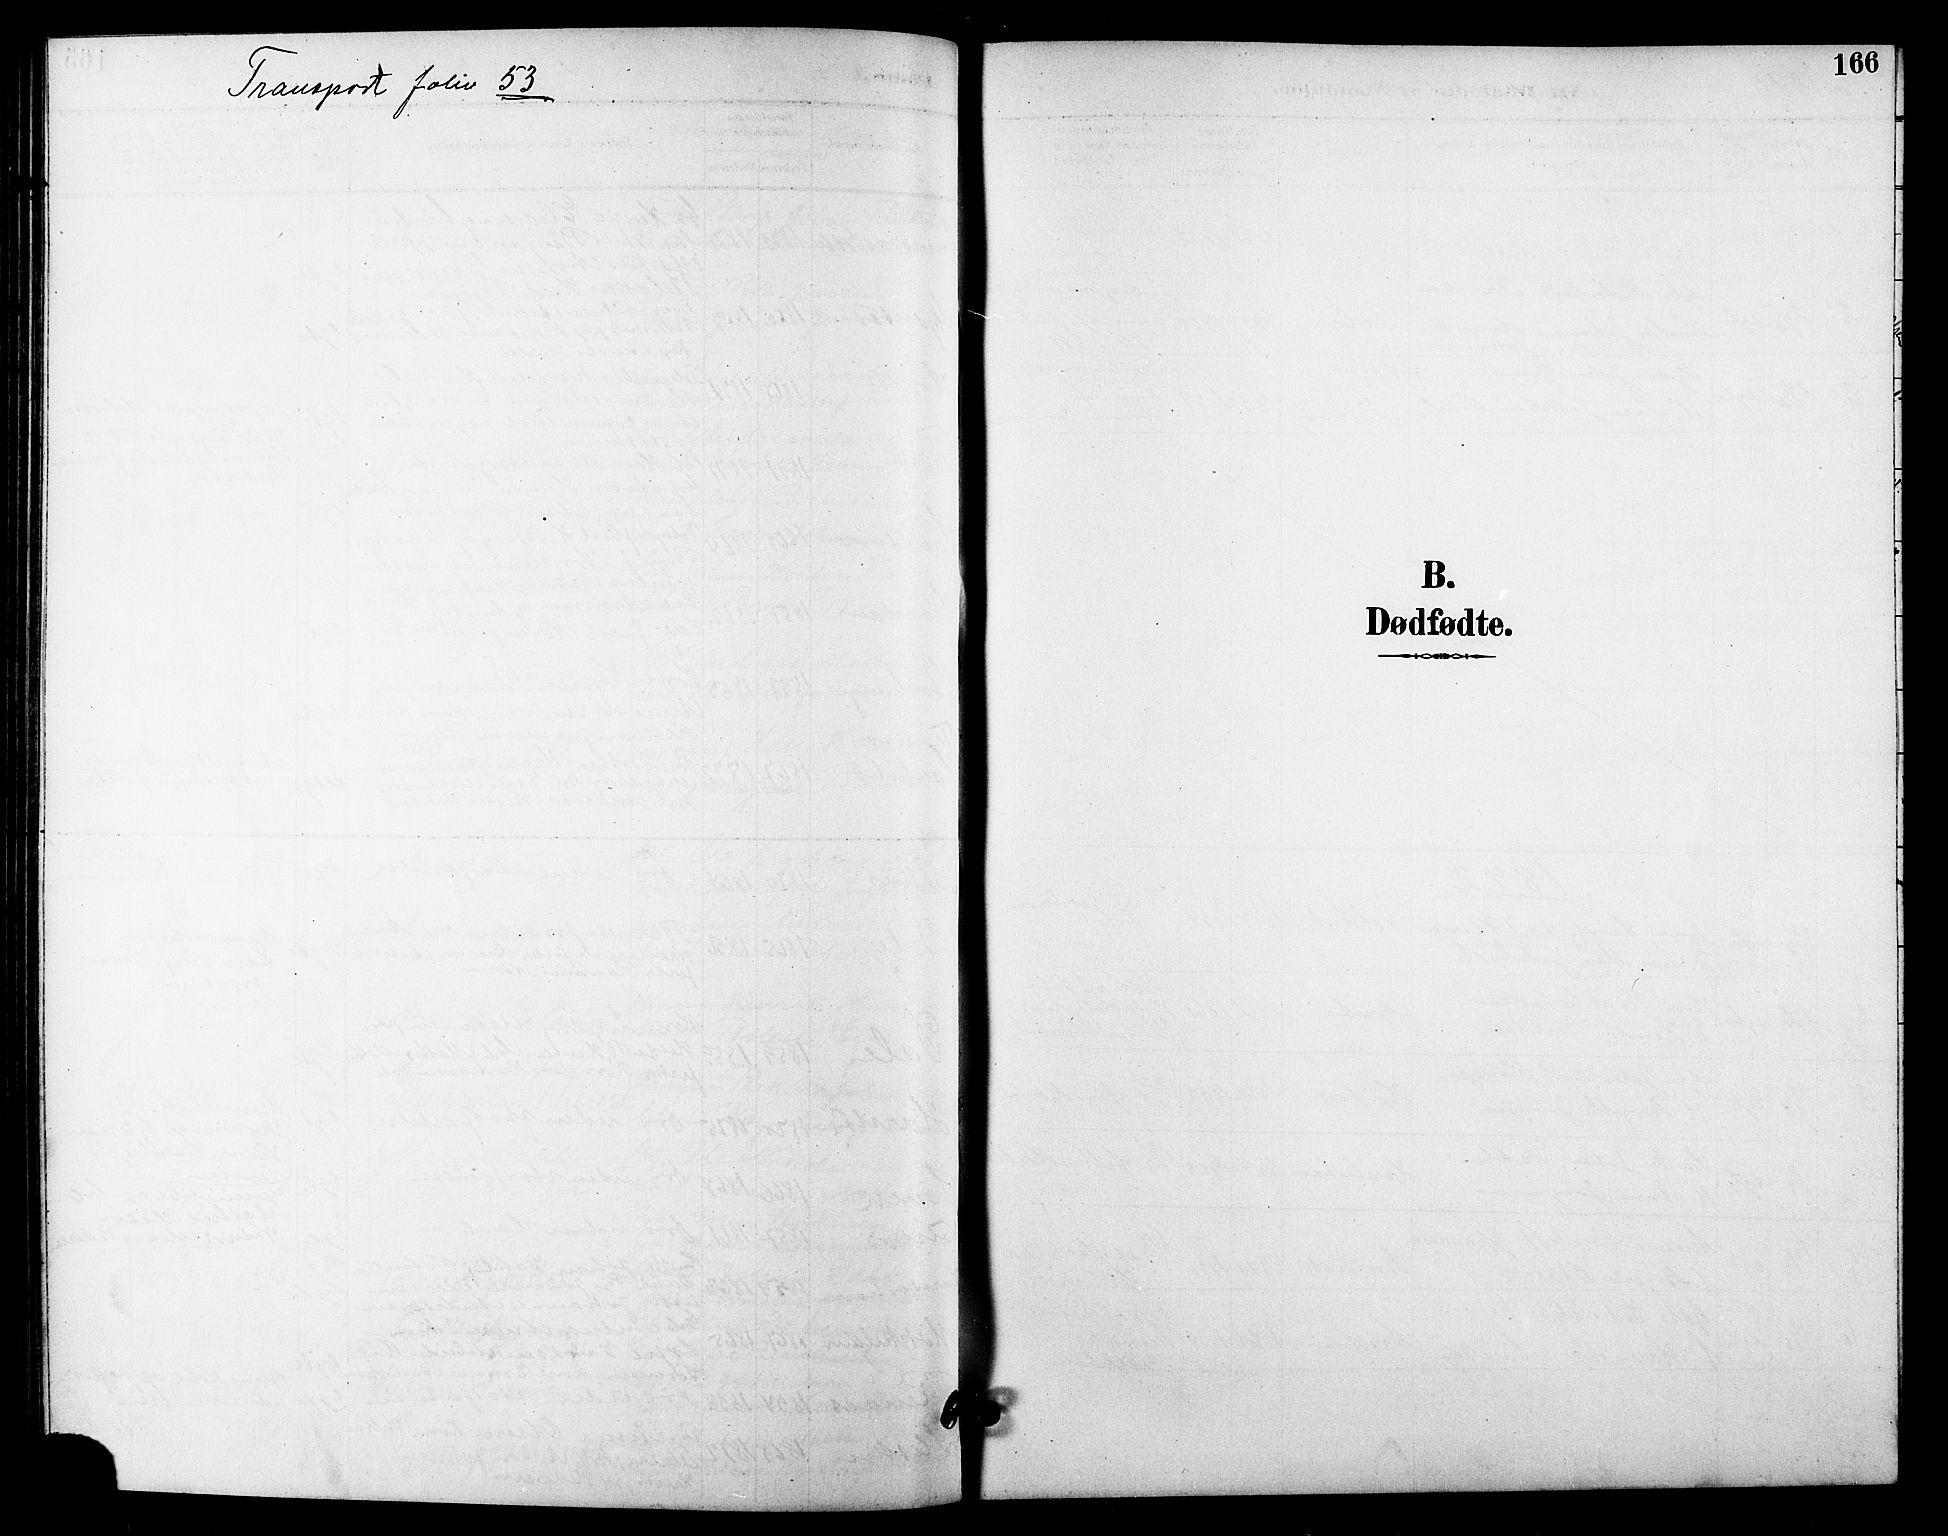 SATØ, Trondenes sokneprestkontor, H/Hb/L0011klokker: Klokkerbok nr. 11, 1891-1906, s. 166